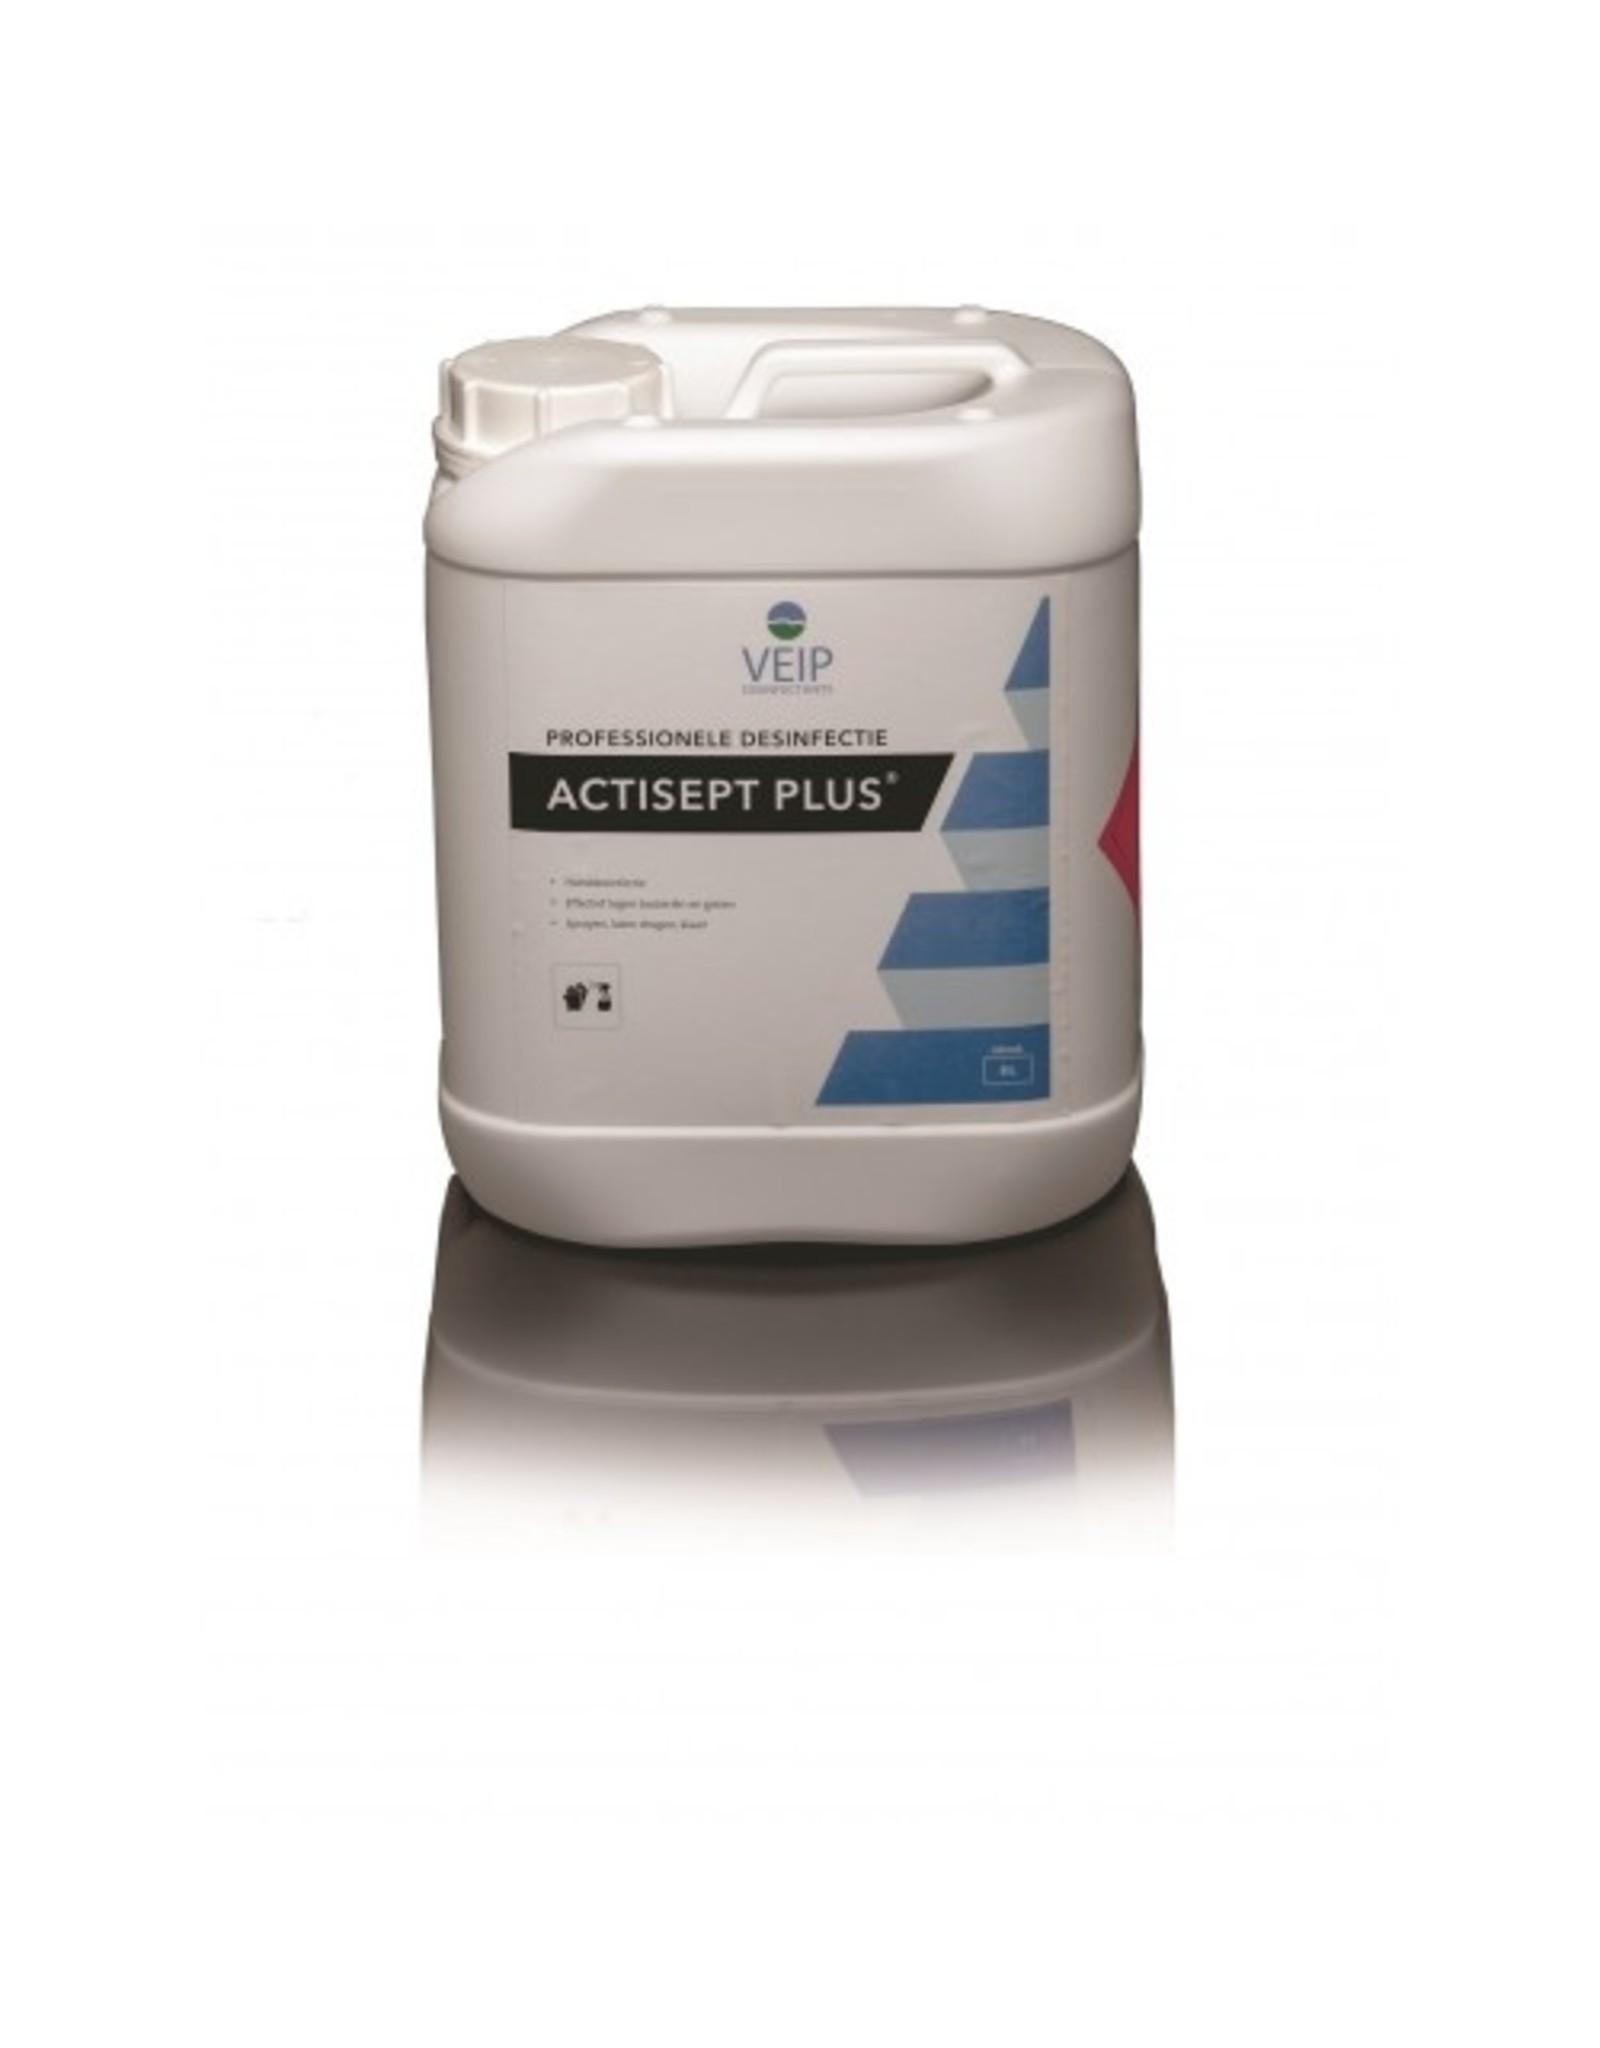 Veip Disinfectants Actisept Plus desinfectiemiddel voor handen 5 liter